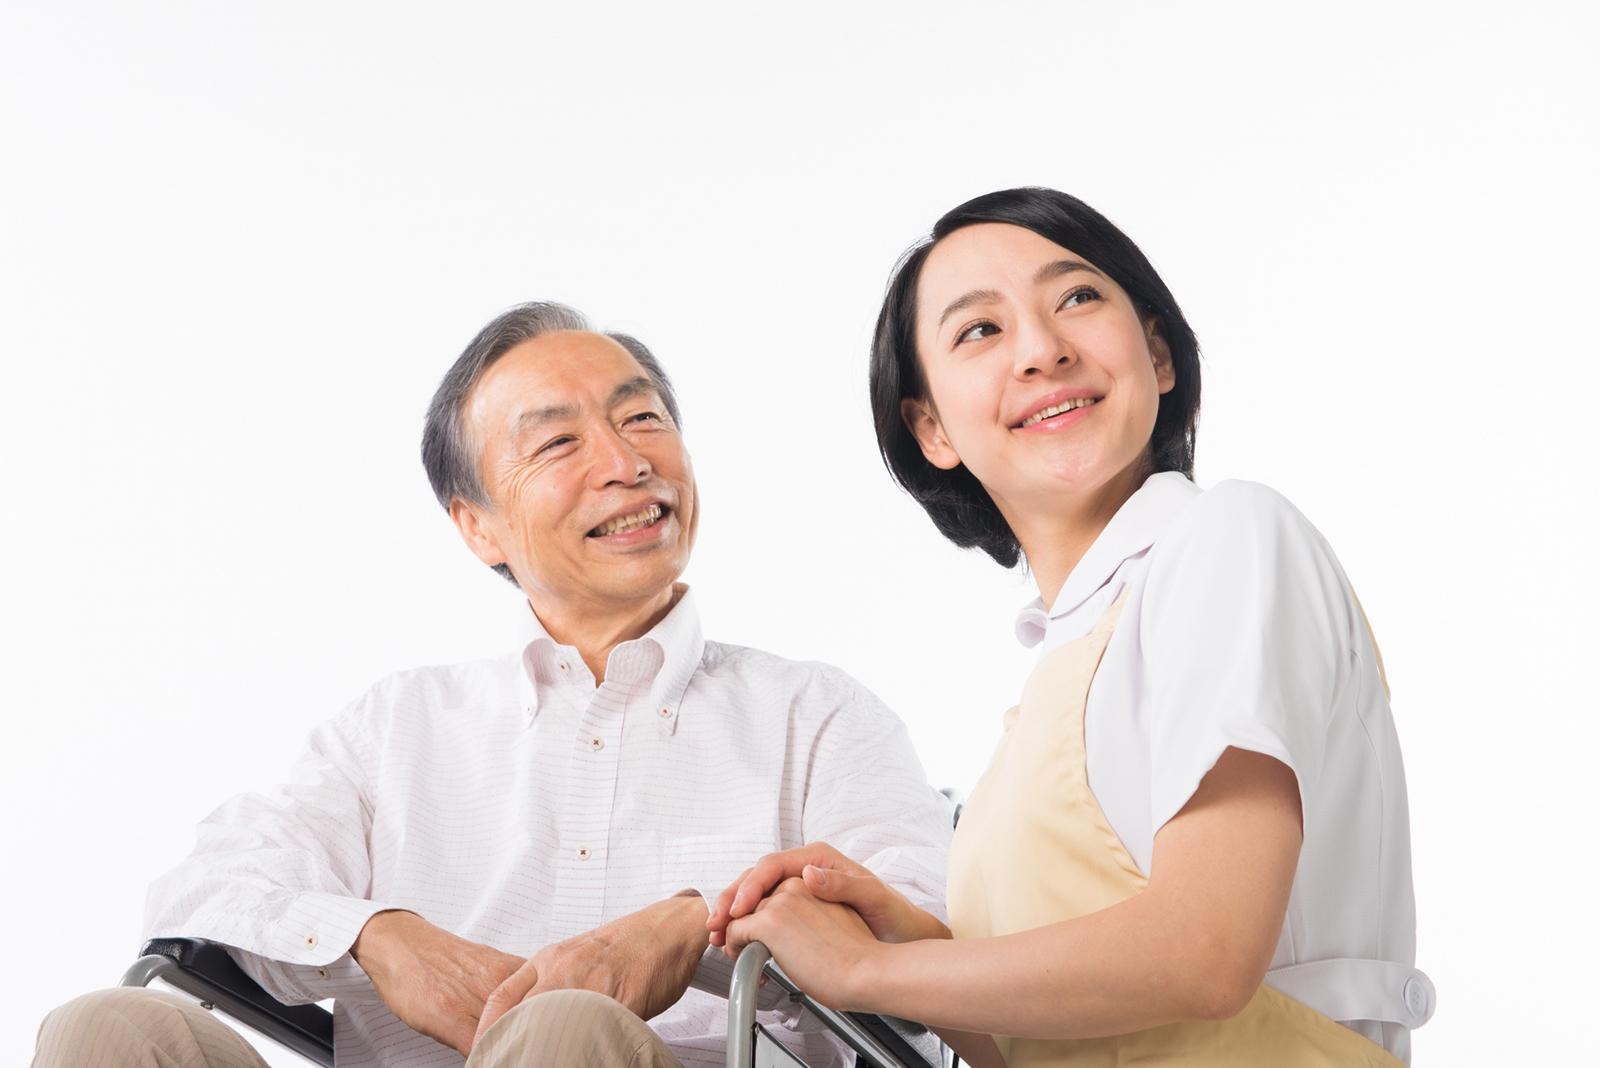 【介護スタッフ 】未経験の方もキャリアアップ目指したい方もご応募ください♪